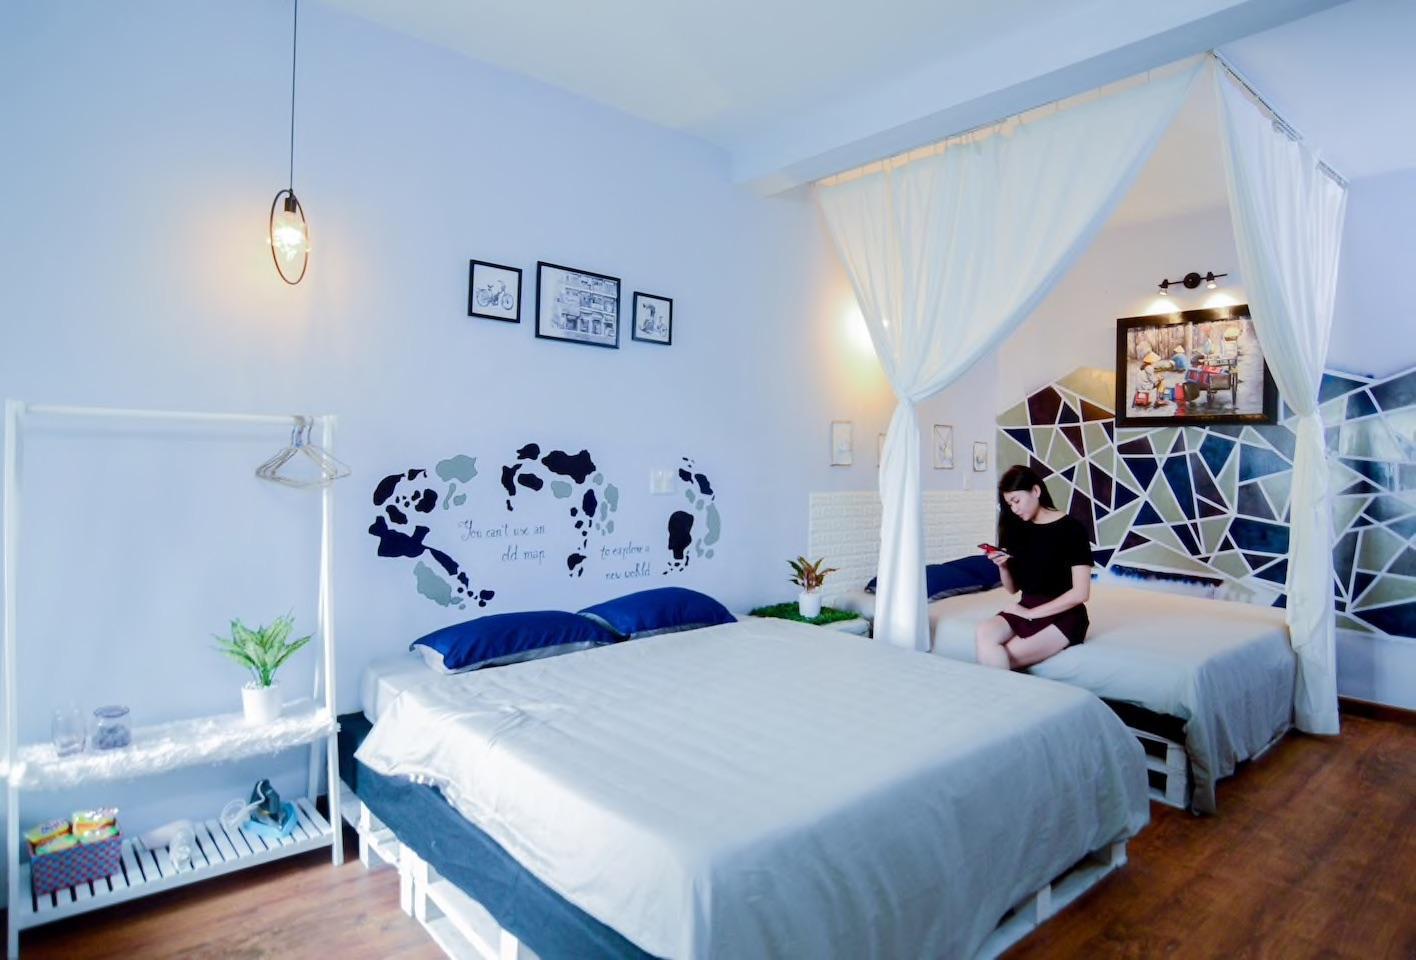 Saigon Center's Alley Studio